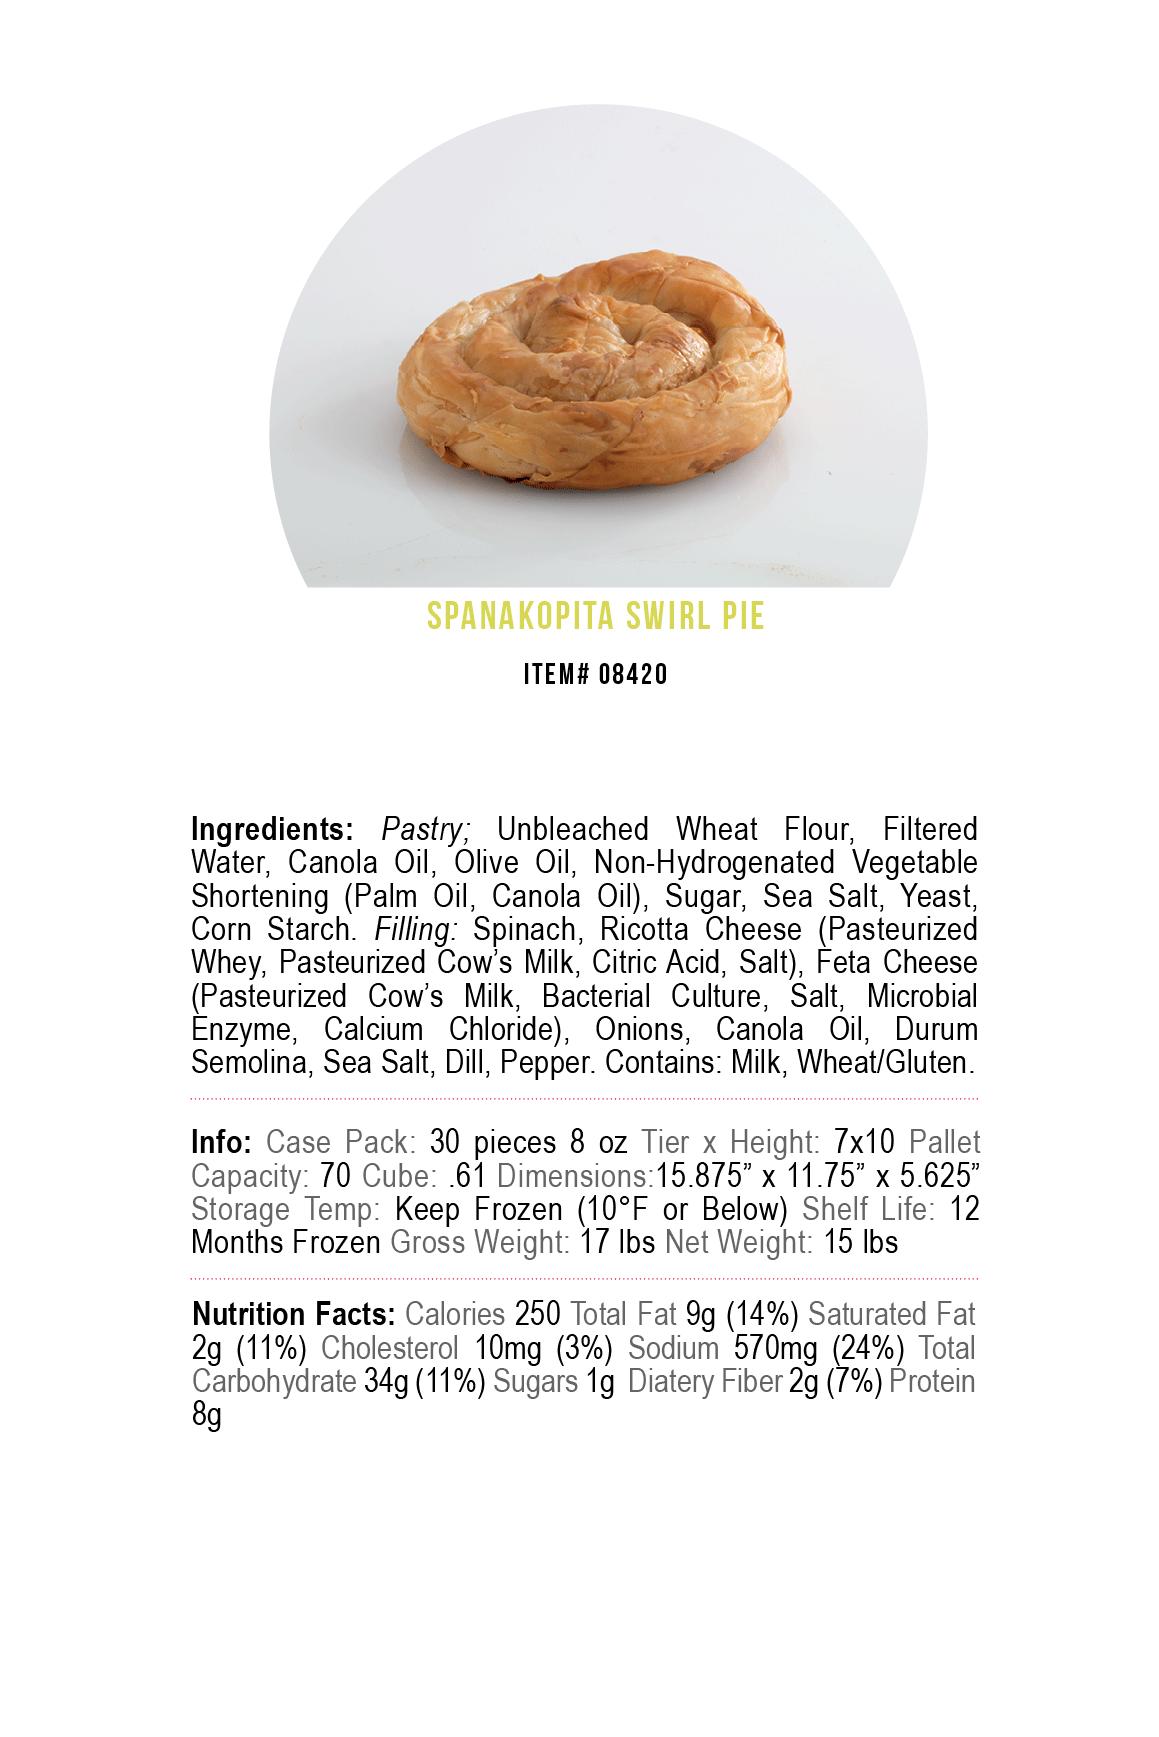 corfu-swirl-pies-spanakopita.png